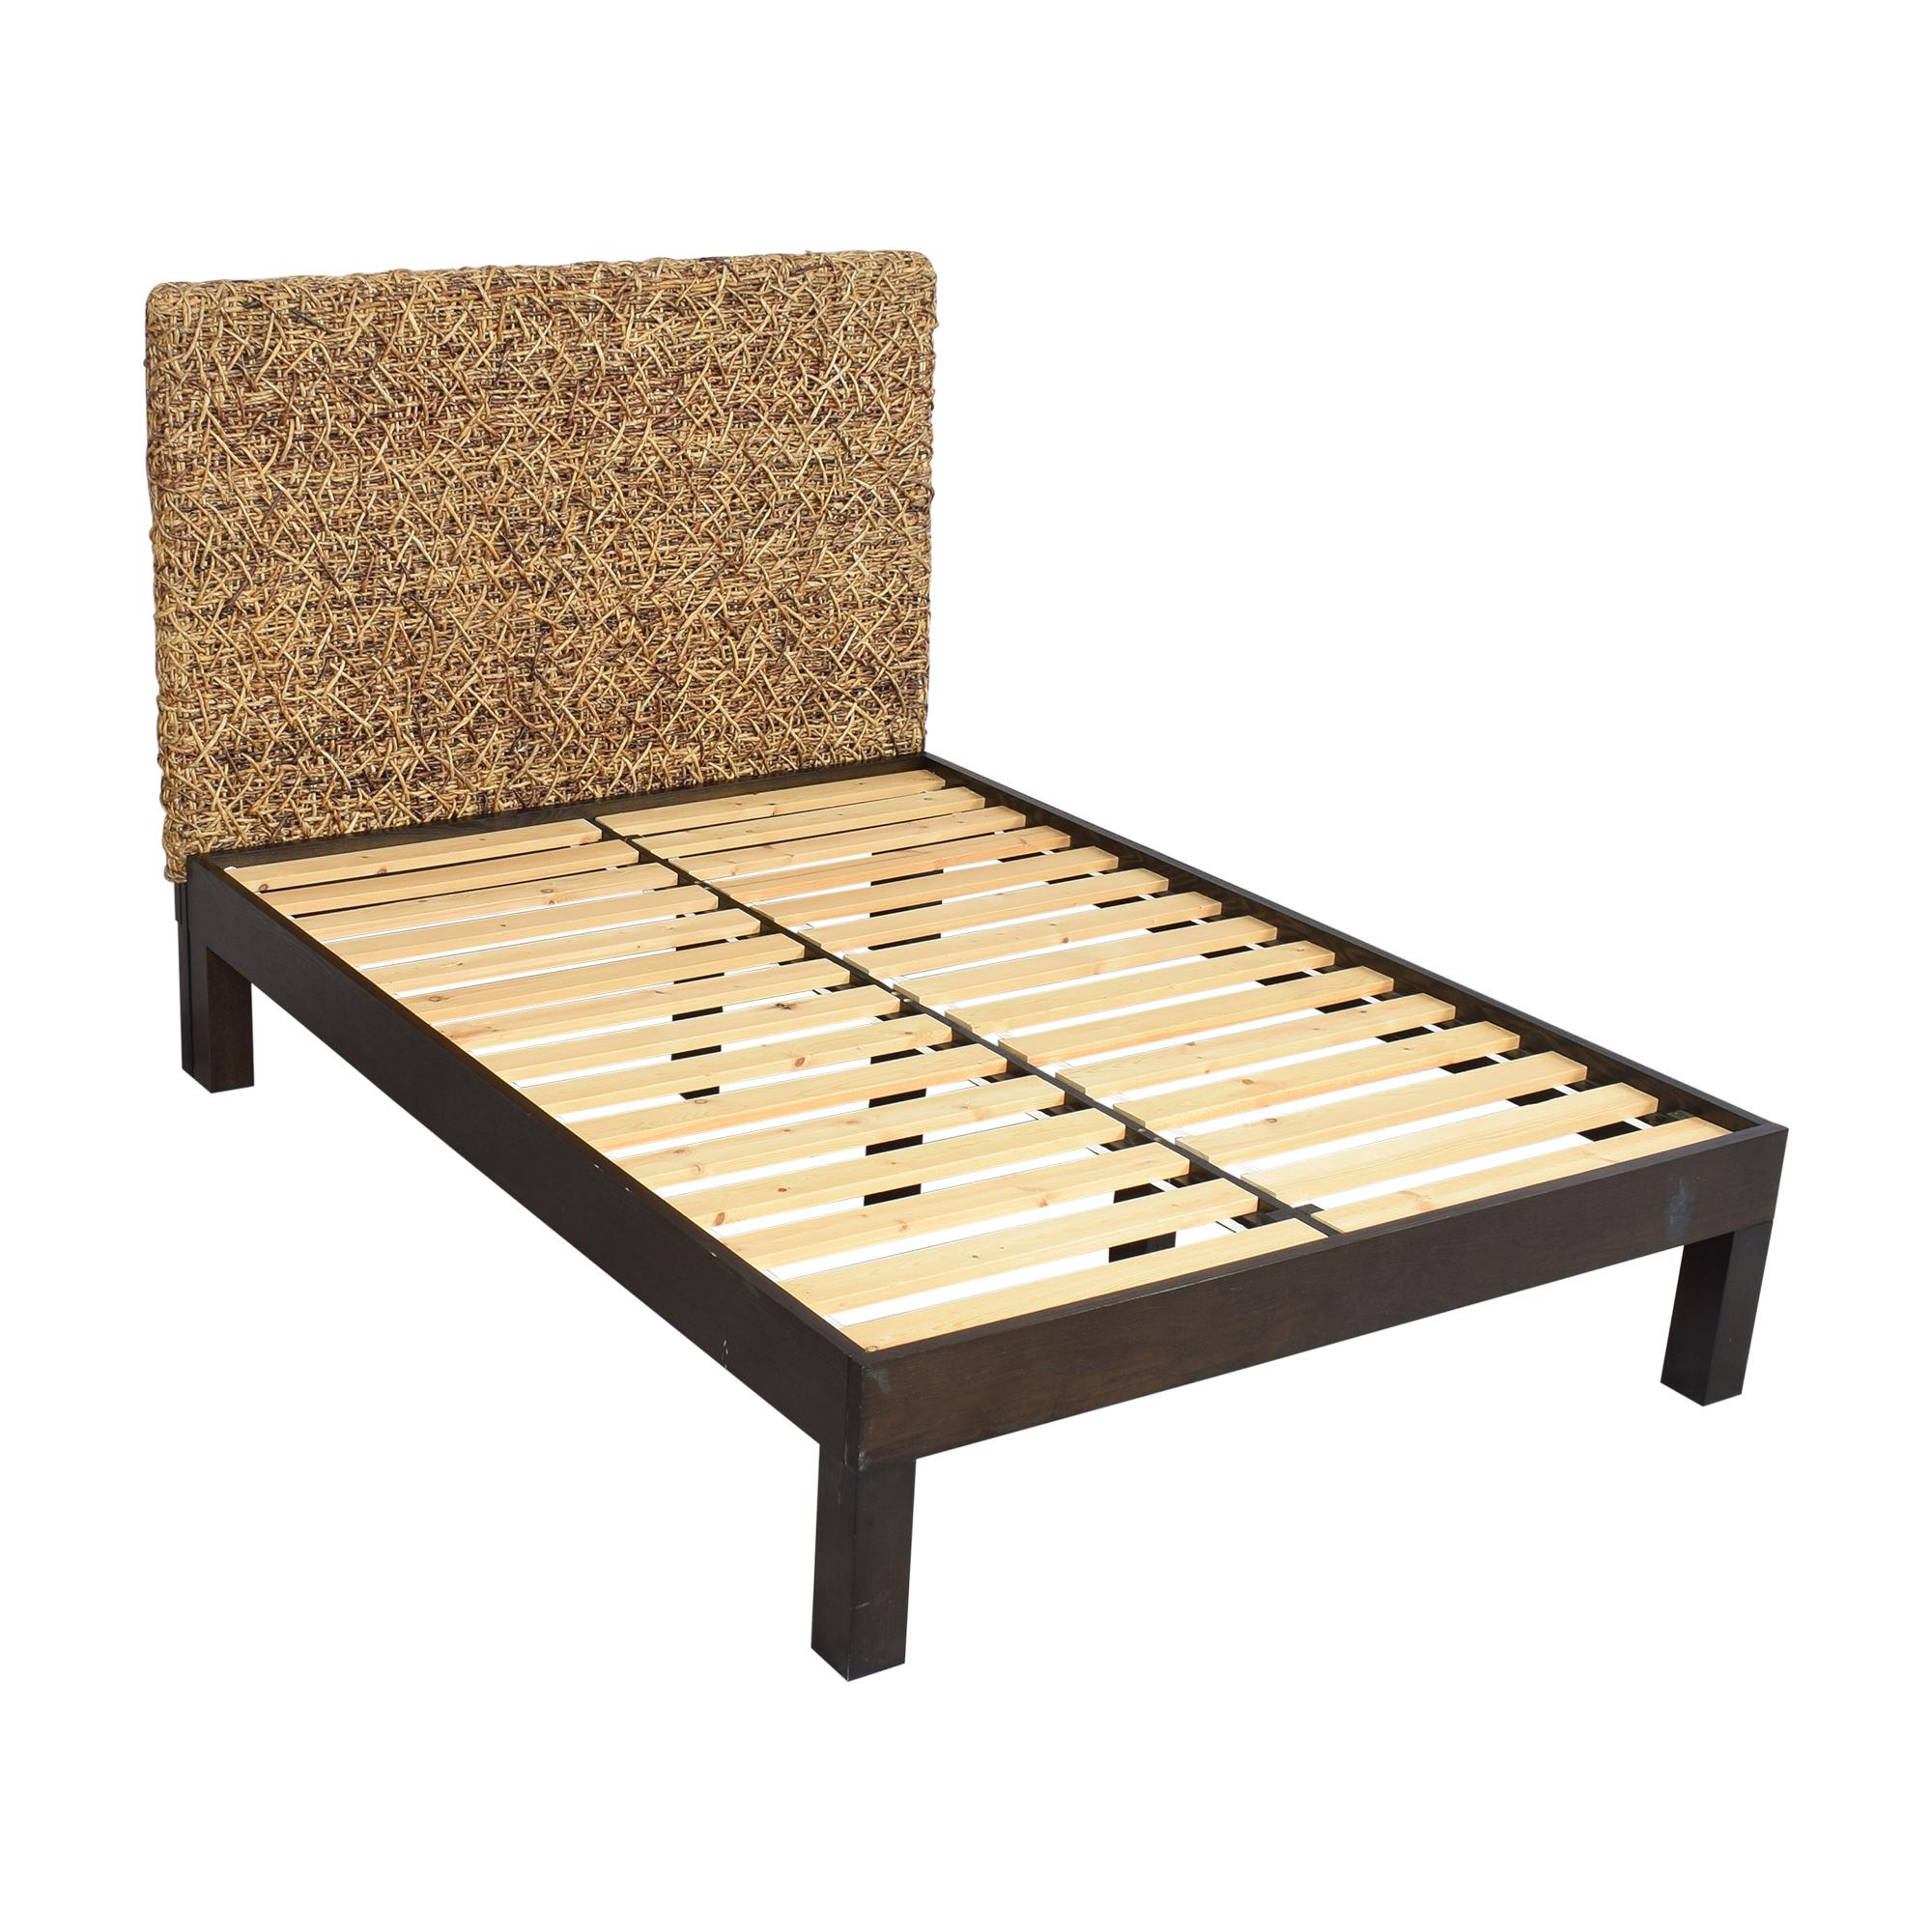 buy West Elm West Elm Full Platform Bed online